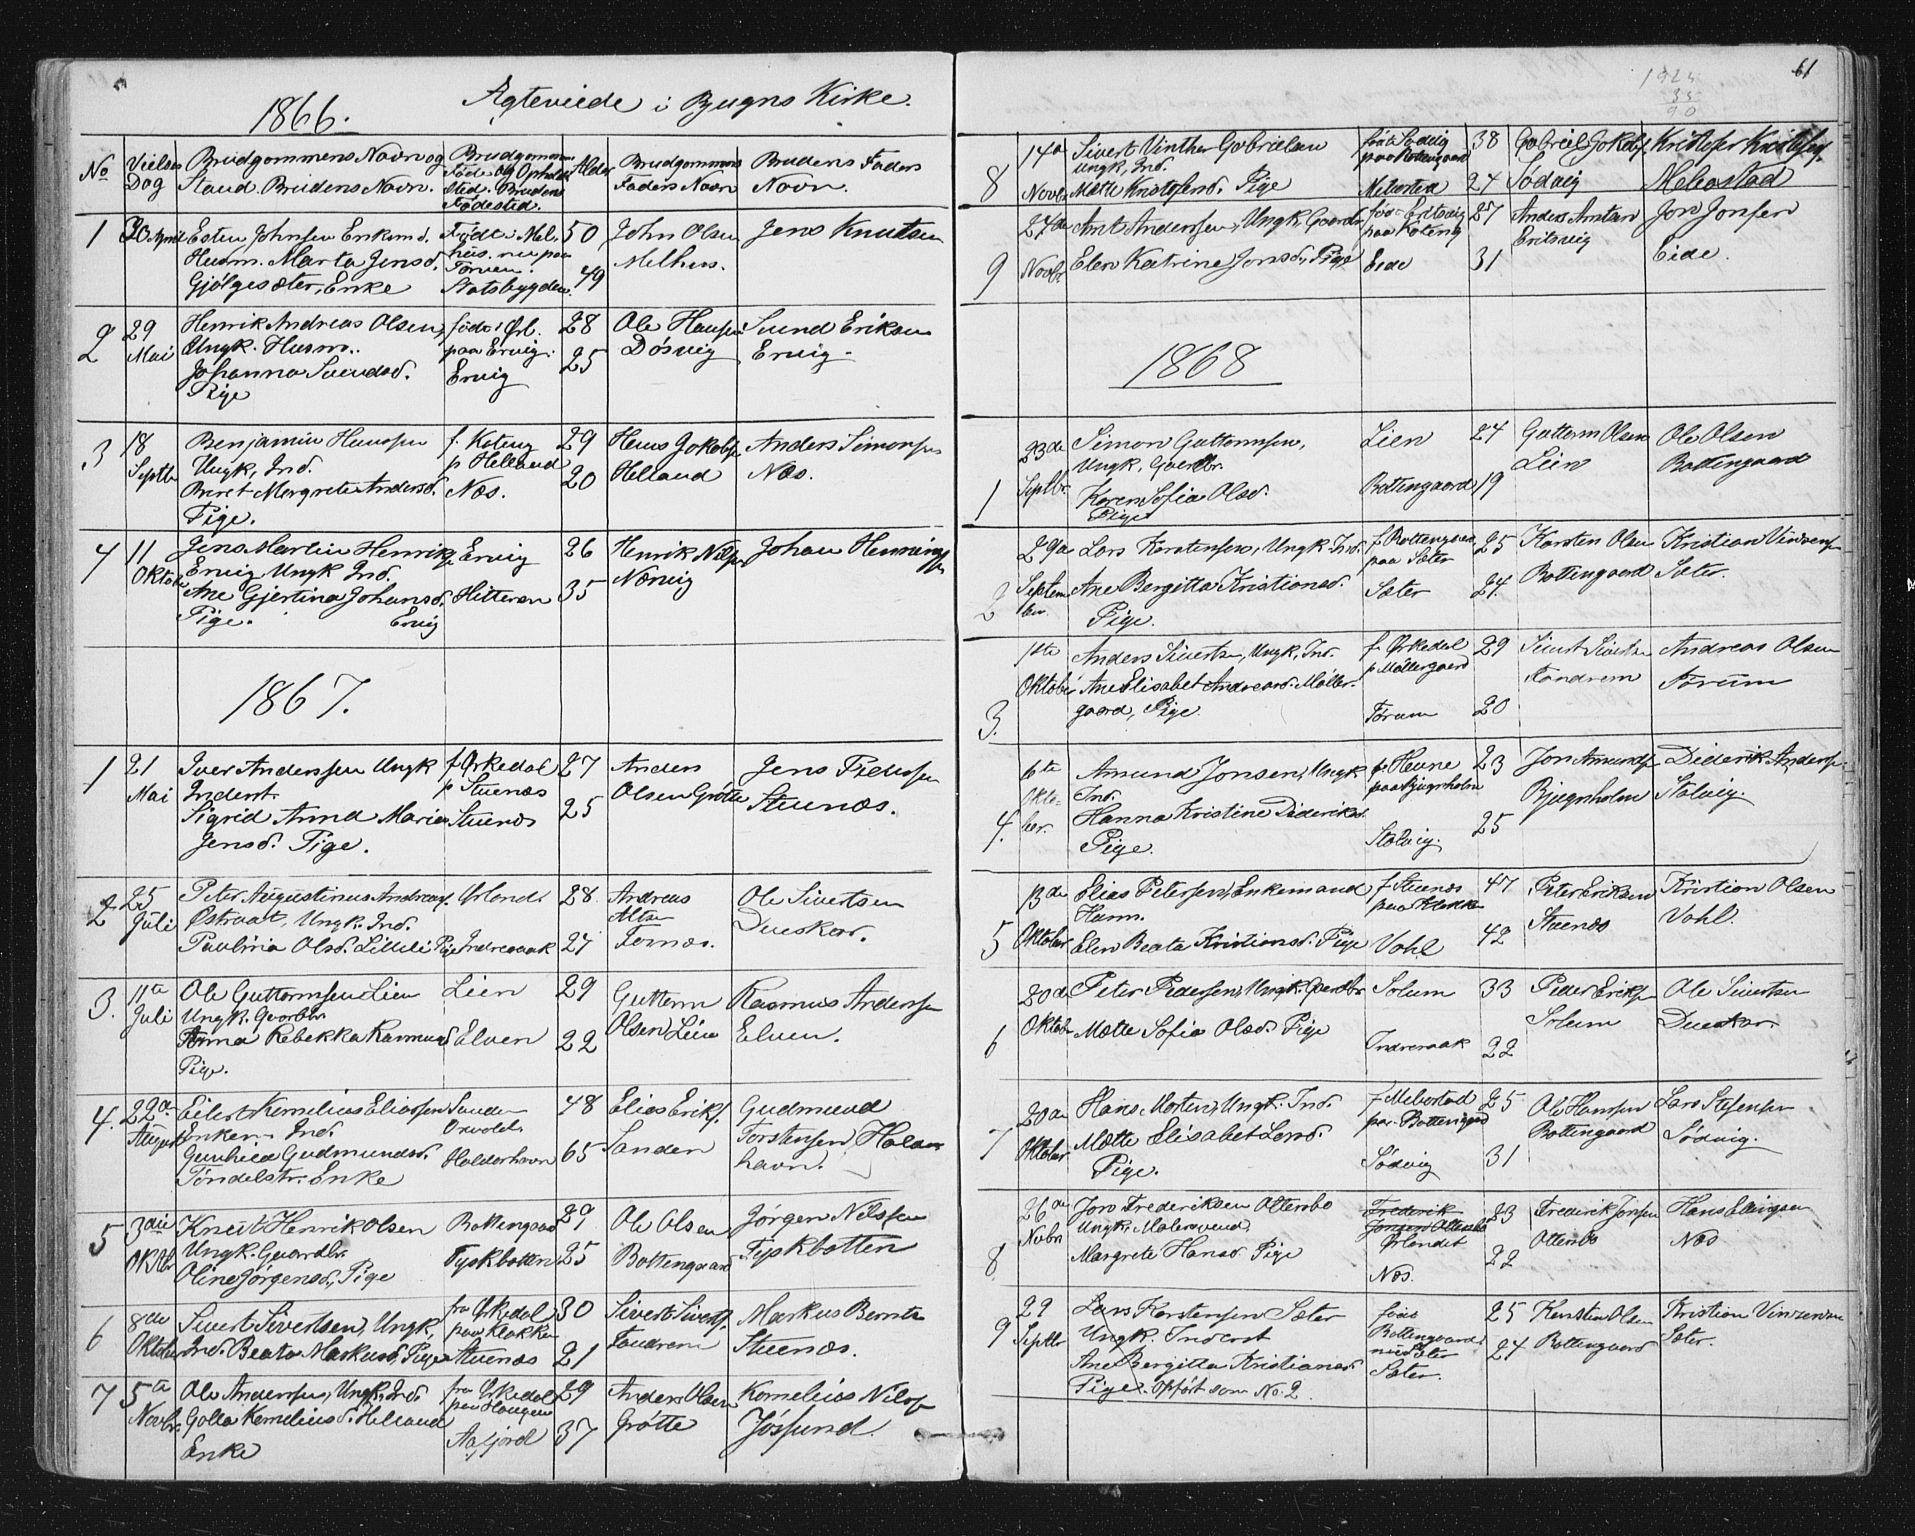 SAT, Ministerialprotokoller, klokkerbøker og fødselsregistre - Sør-Trøndelag, 651/L0647: Klokkerbok nr. 651C01, 1866-1914, s. 61